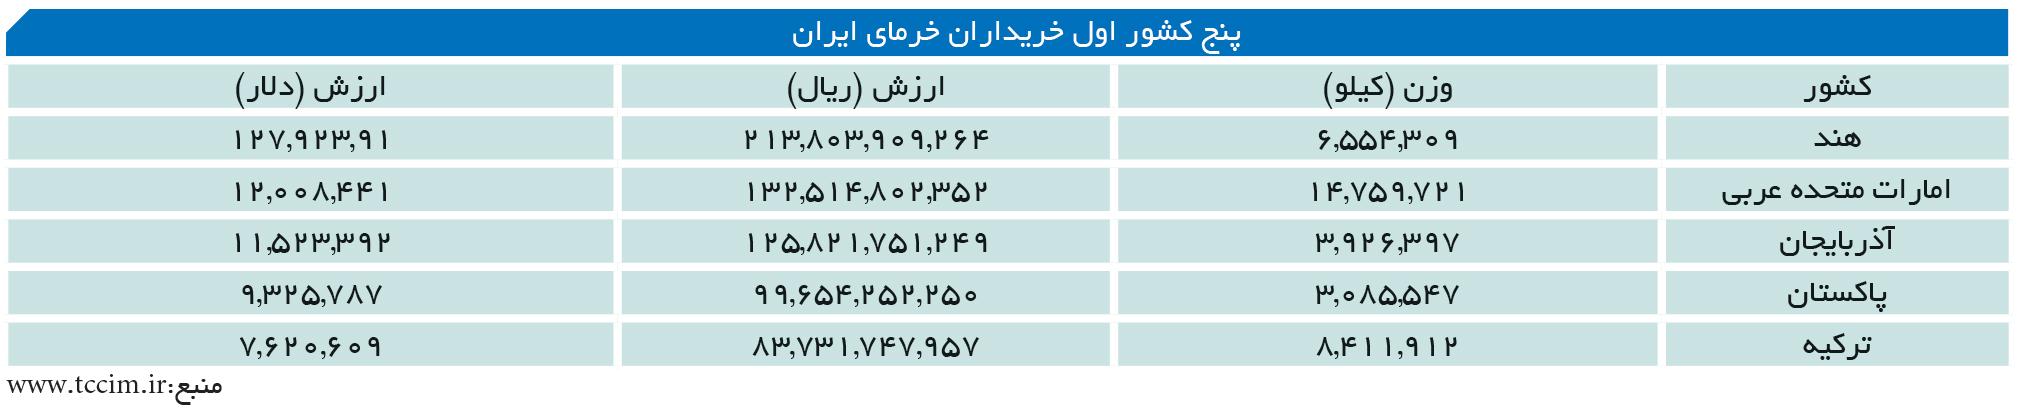 تجارت- فردا- پنج کشور اول خریداران خرمای ایران